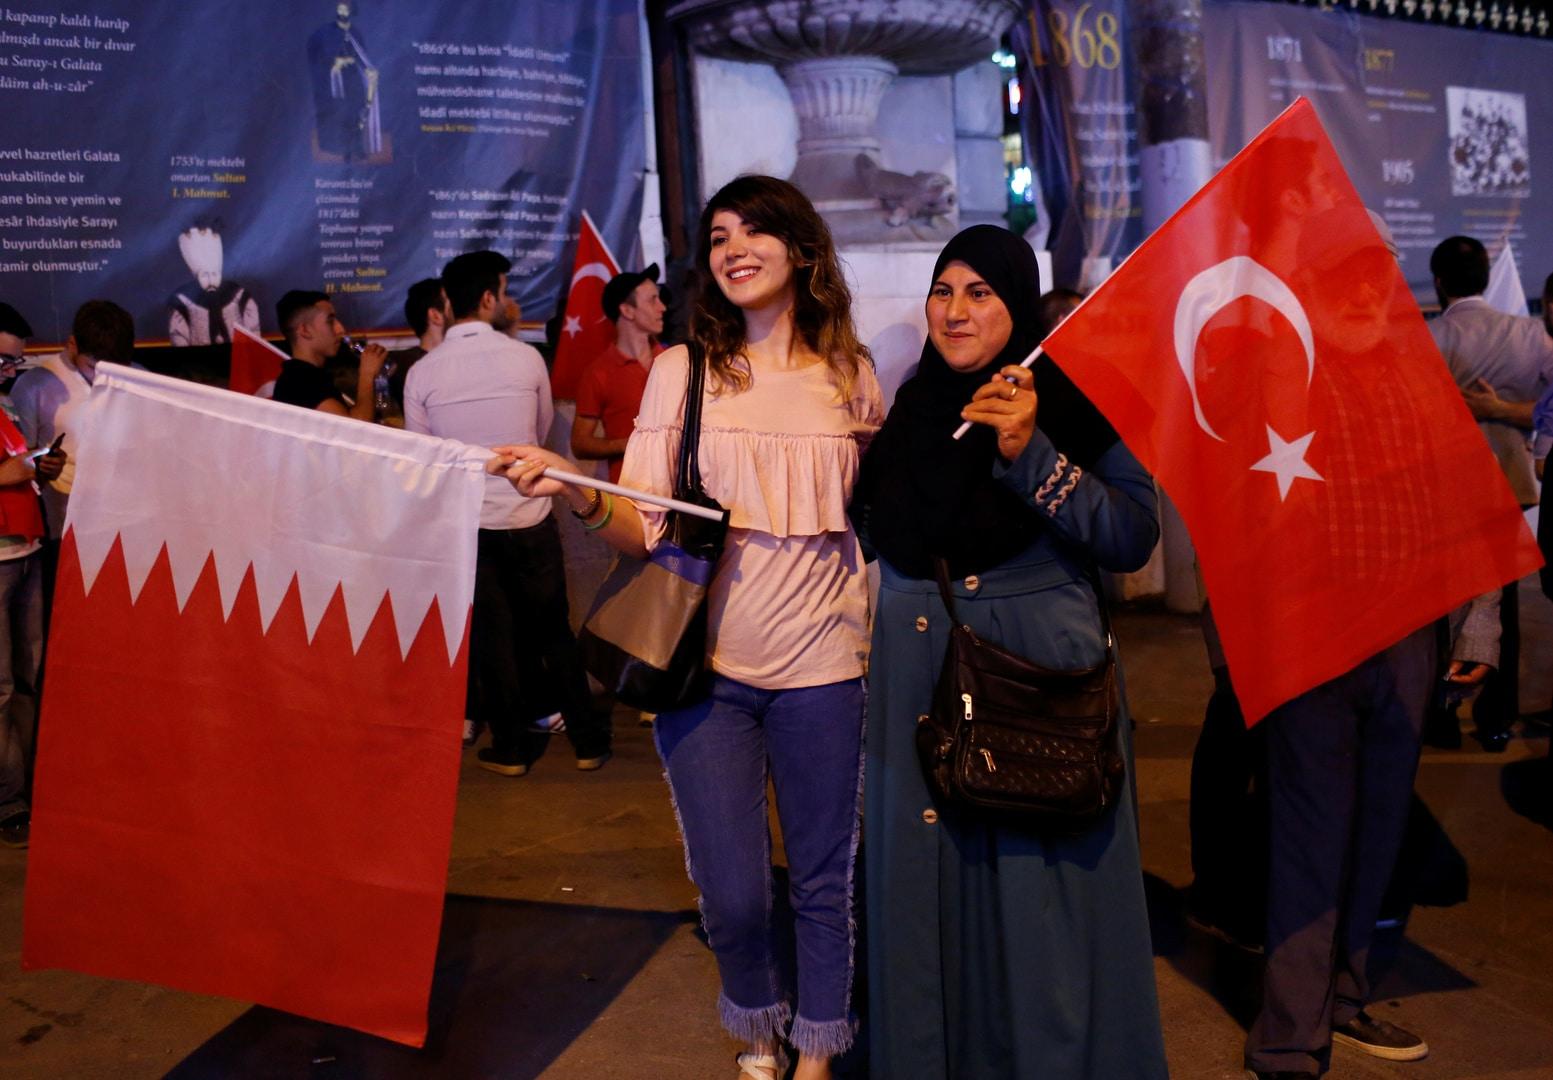 هذا ما قاله مسؤول قطري بارز عن حجم التجارة مع تركيا